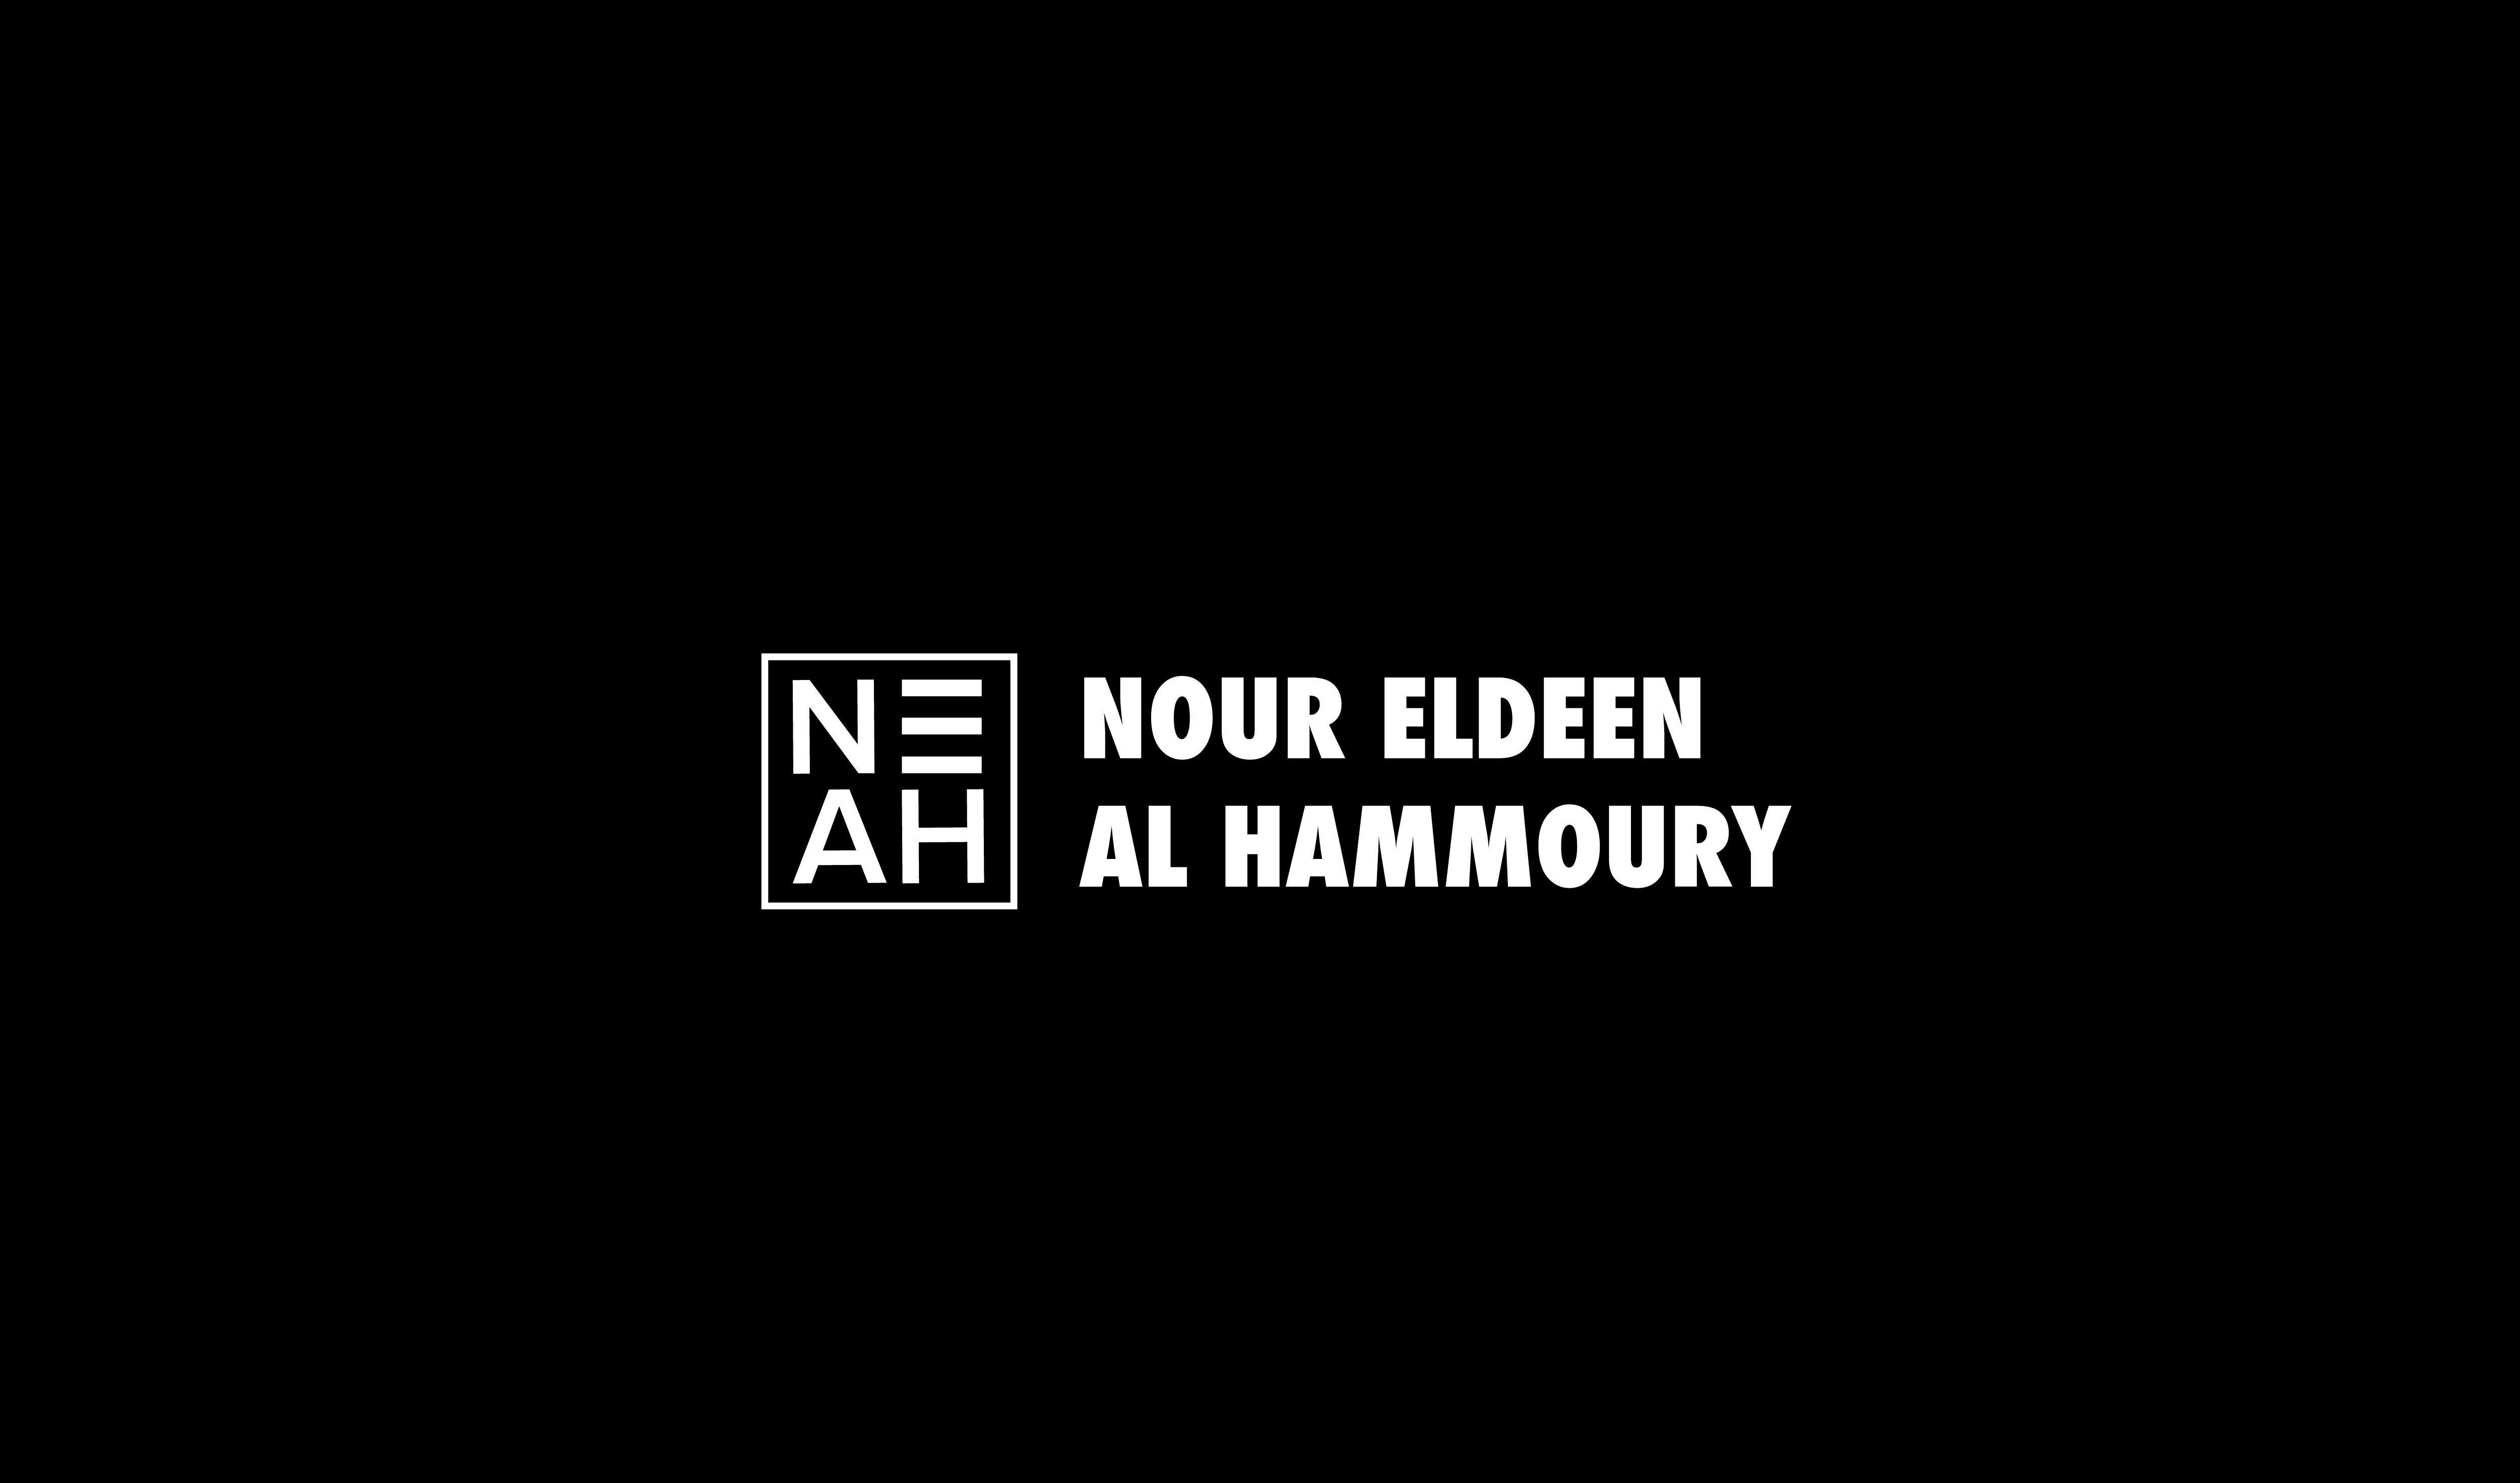 logo_nour_blk3